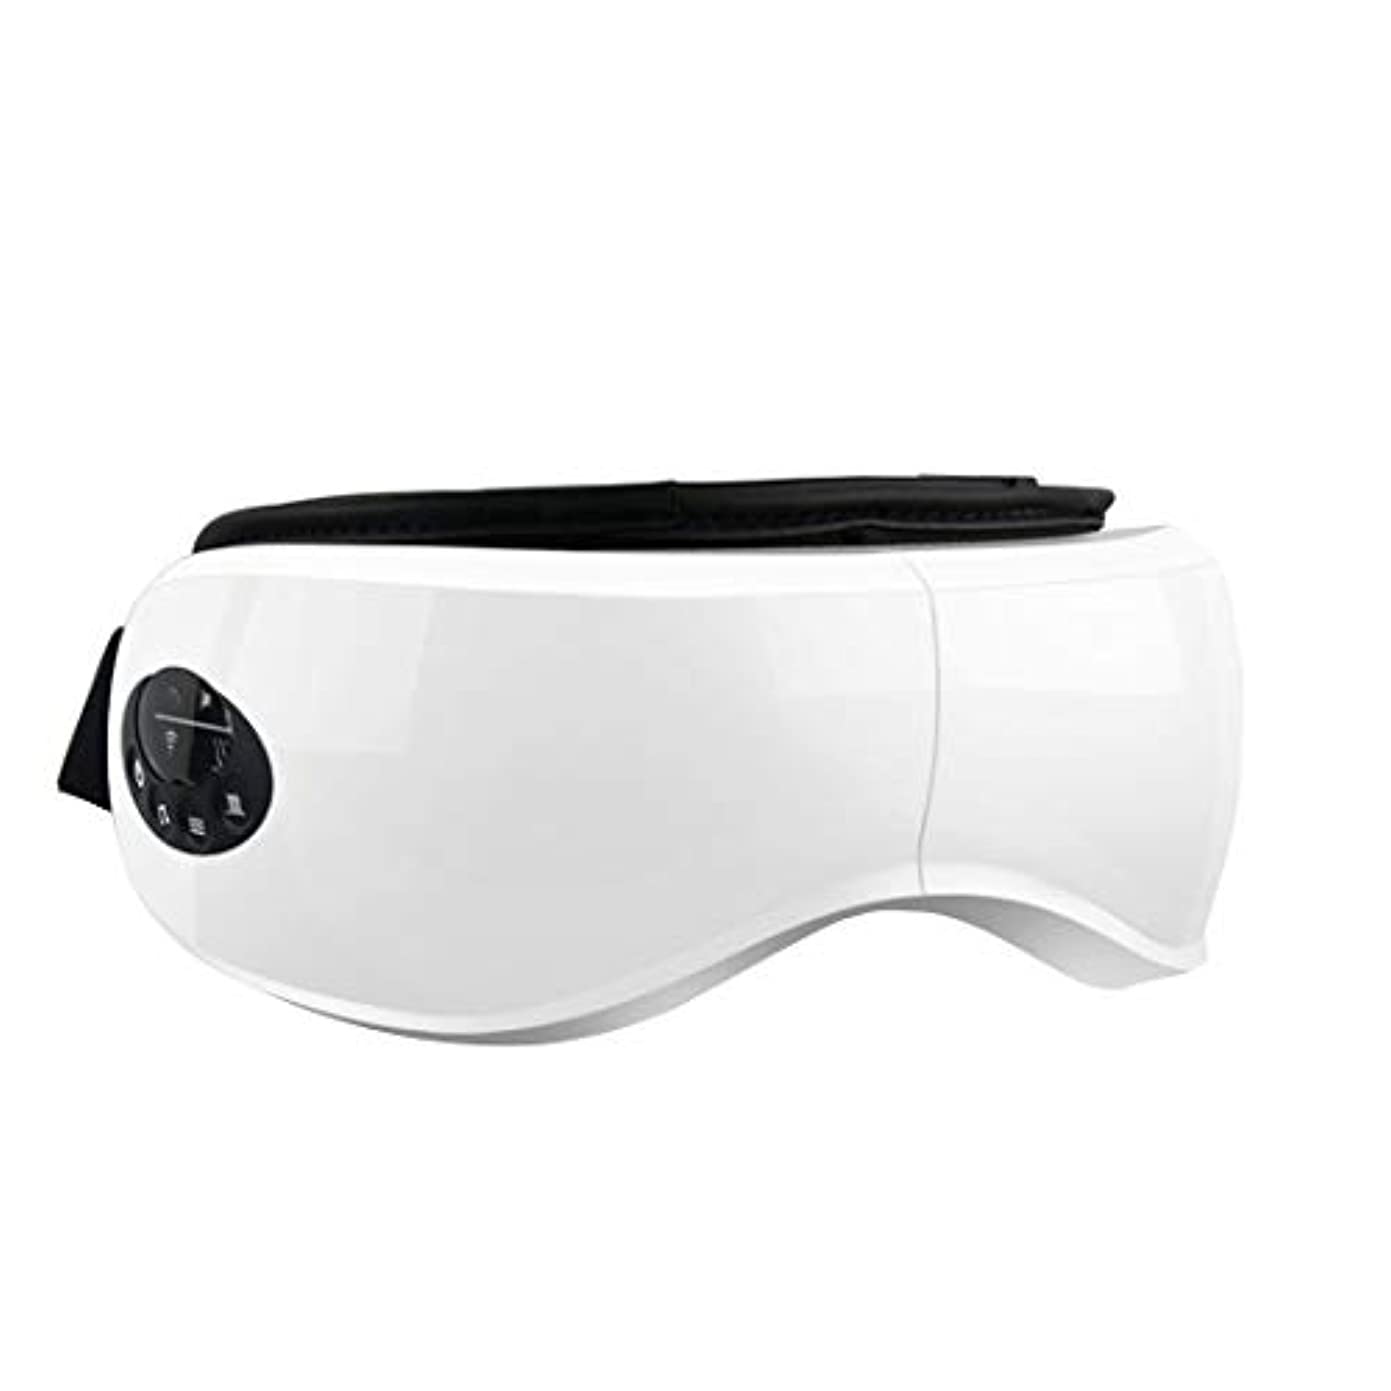 再生可能区画トラクター人民の東の道 空気圧振動を伴う電気アイテンプルマッサージアイリラックス視力治療のための熱圧迫ストレス疲労